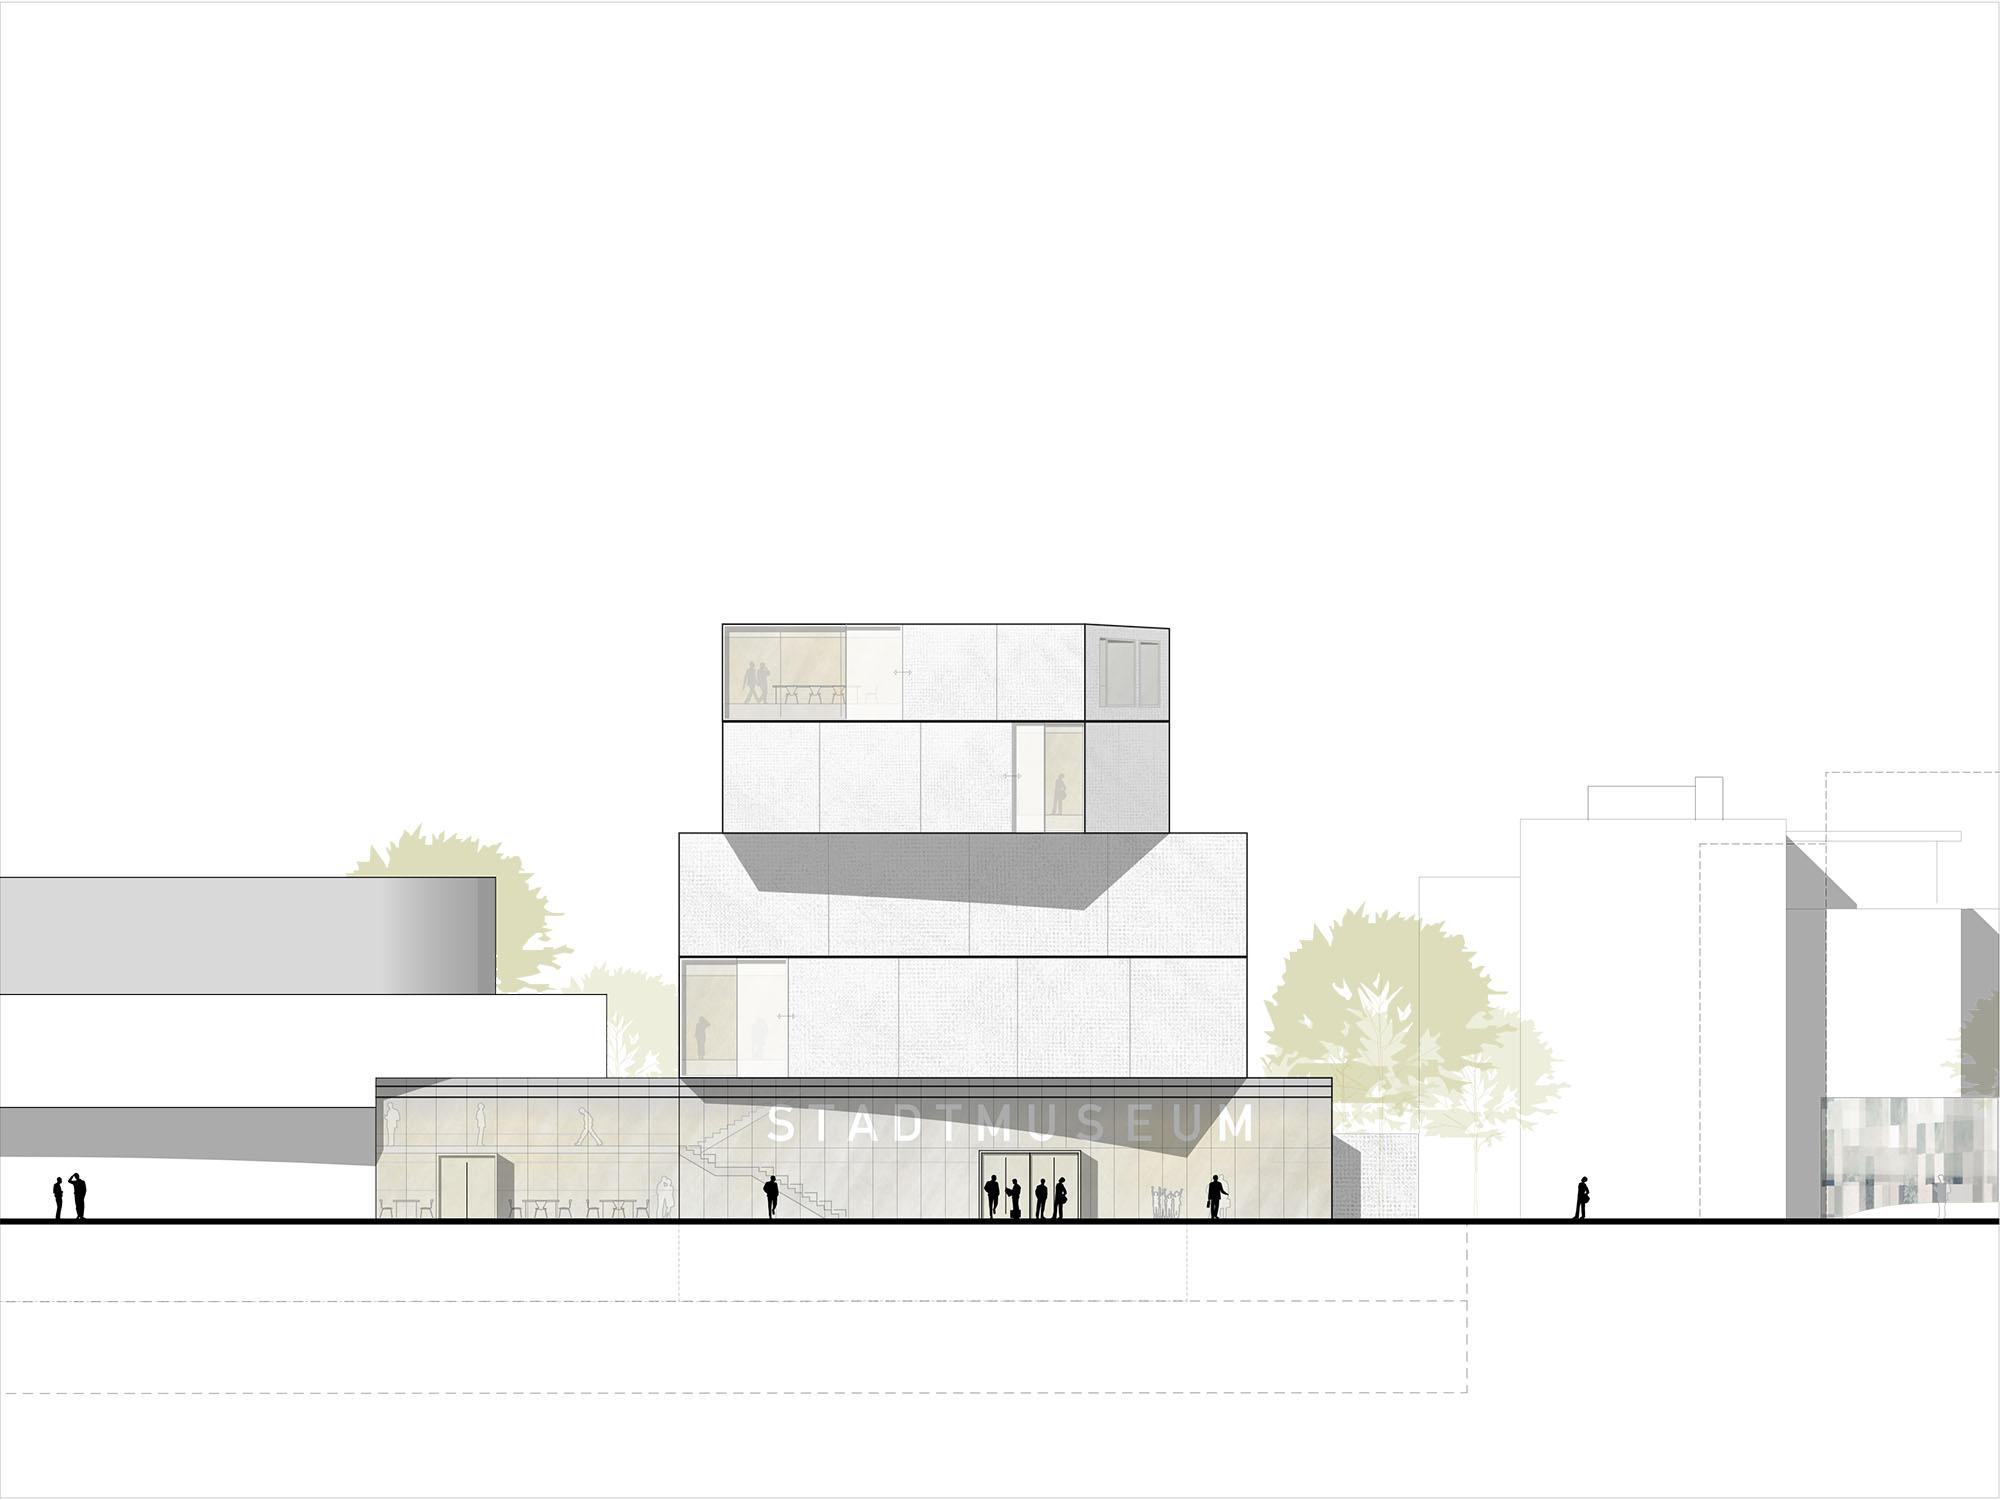 Erweiterung Stadtmuseum Oldenburg